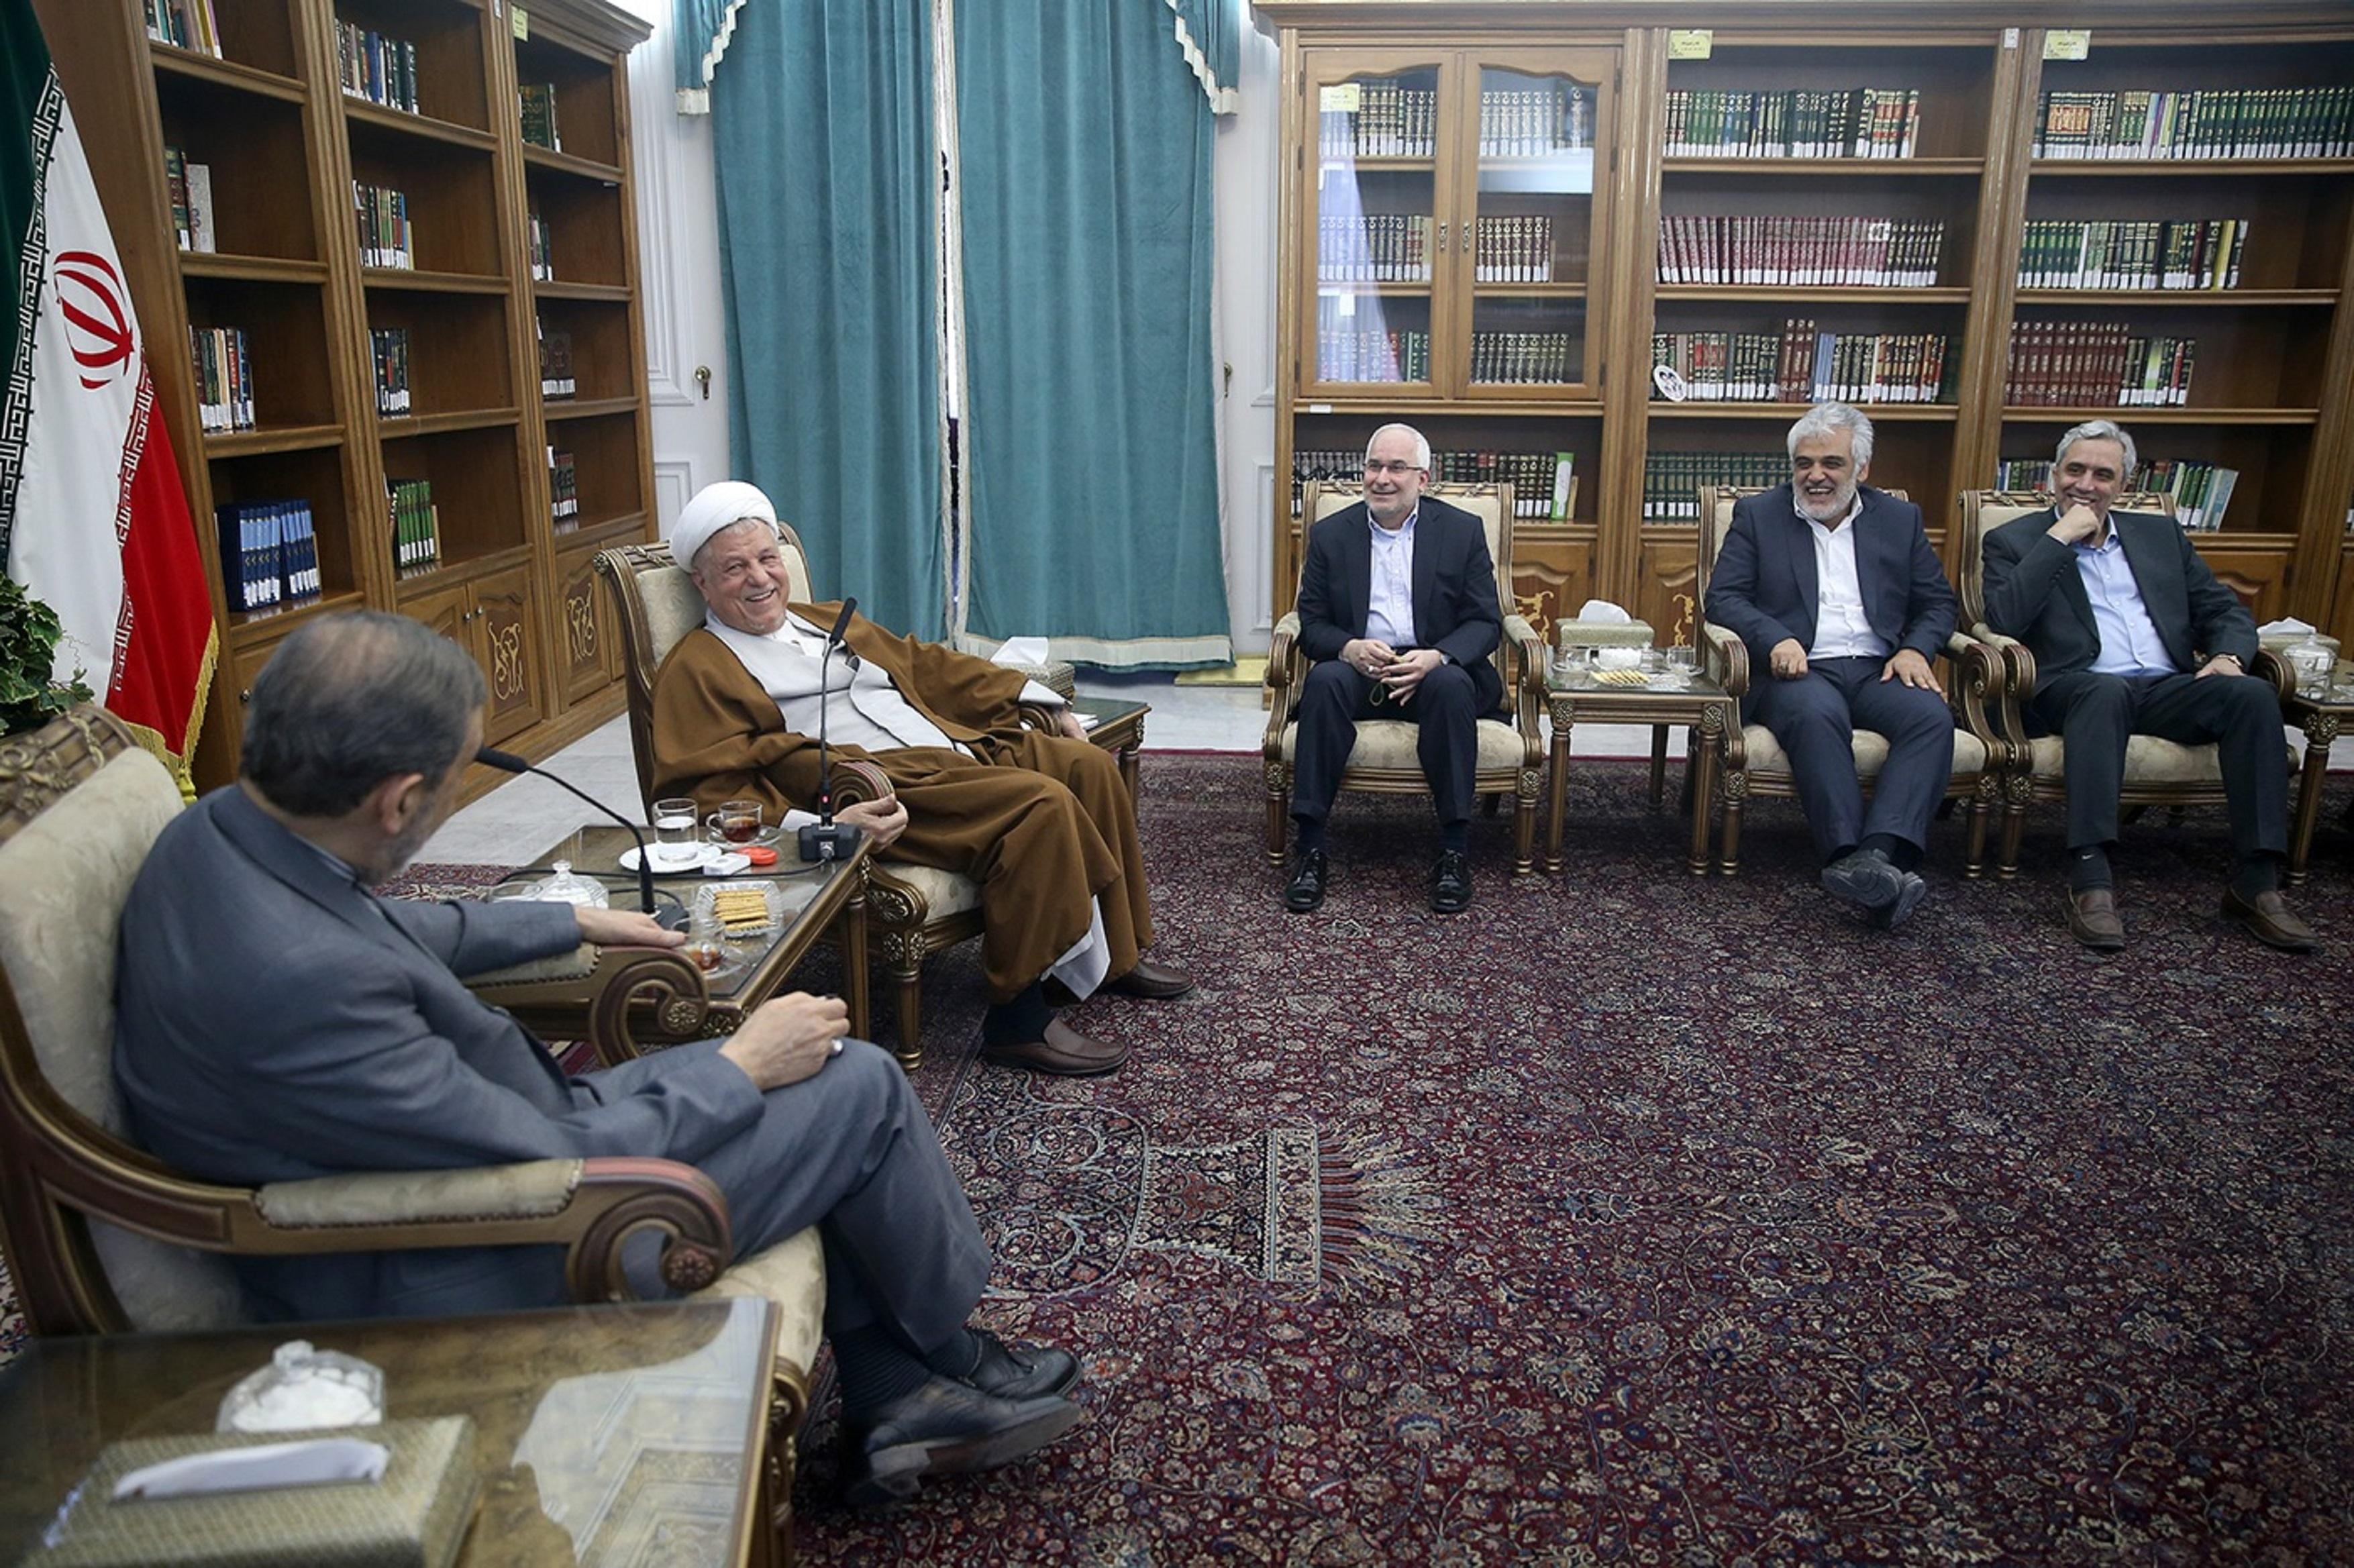 جلسات مرکز استراتژیک مجمع تشخیص مصلحت نظام